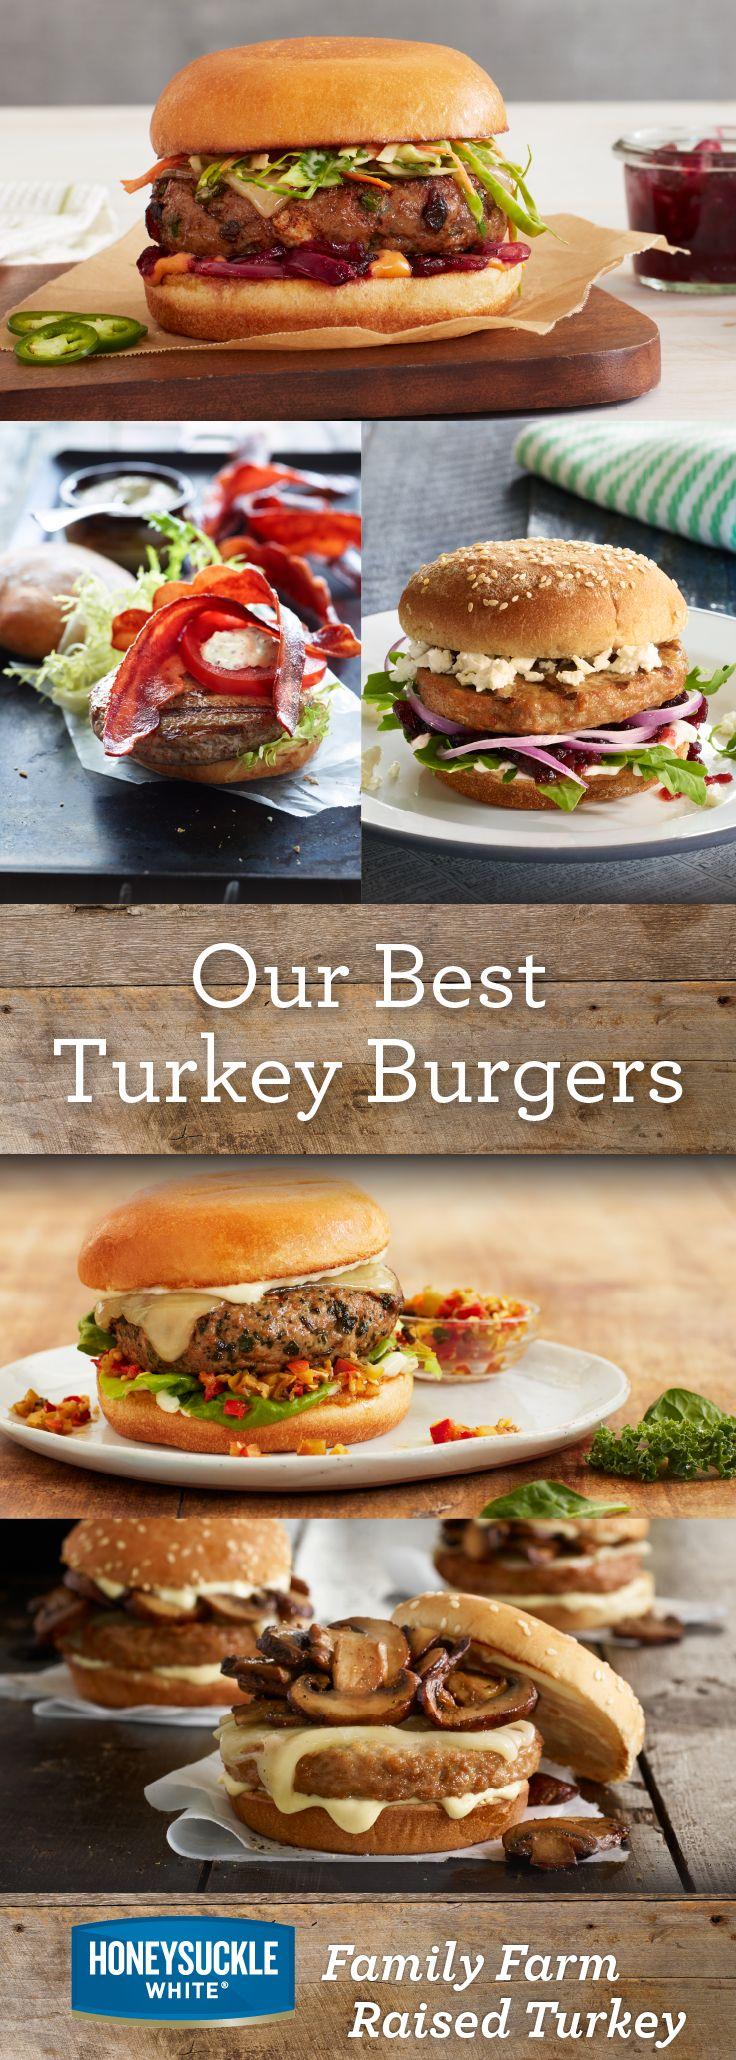 Our Best Turkey Burgers - Honeysuckle White